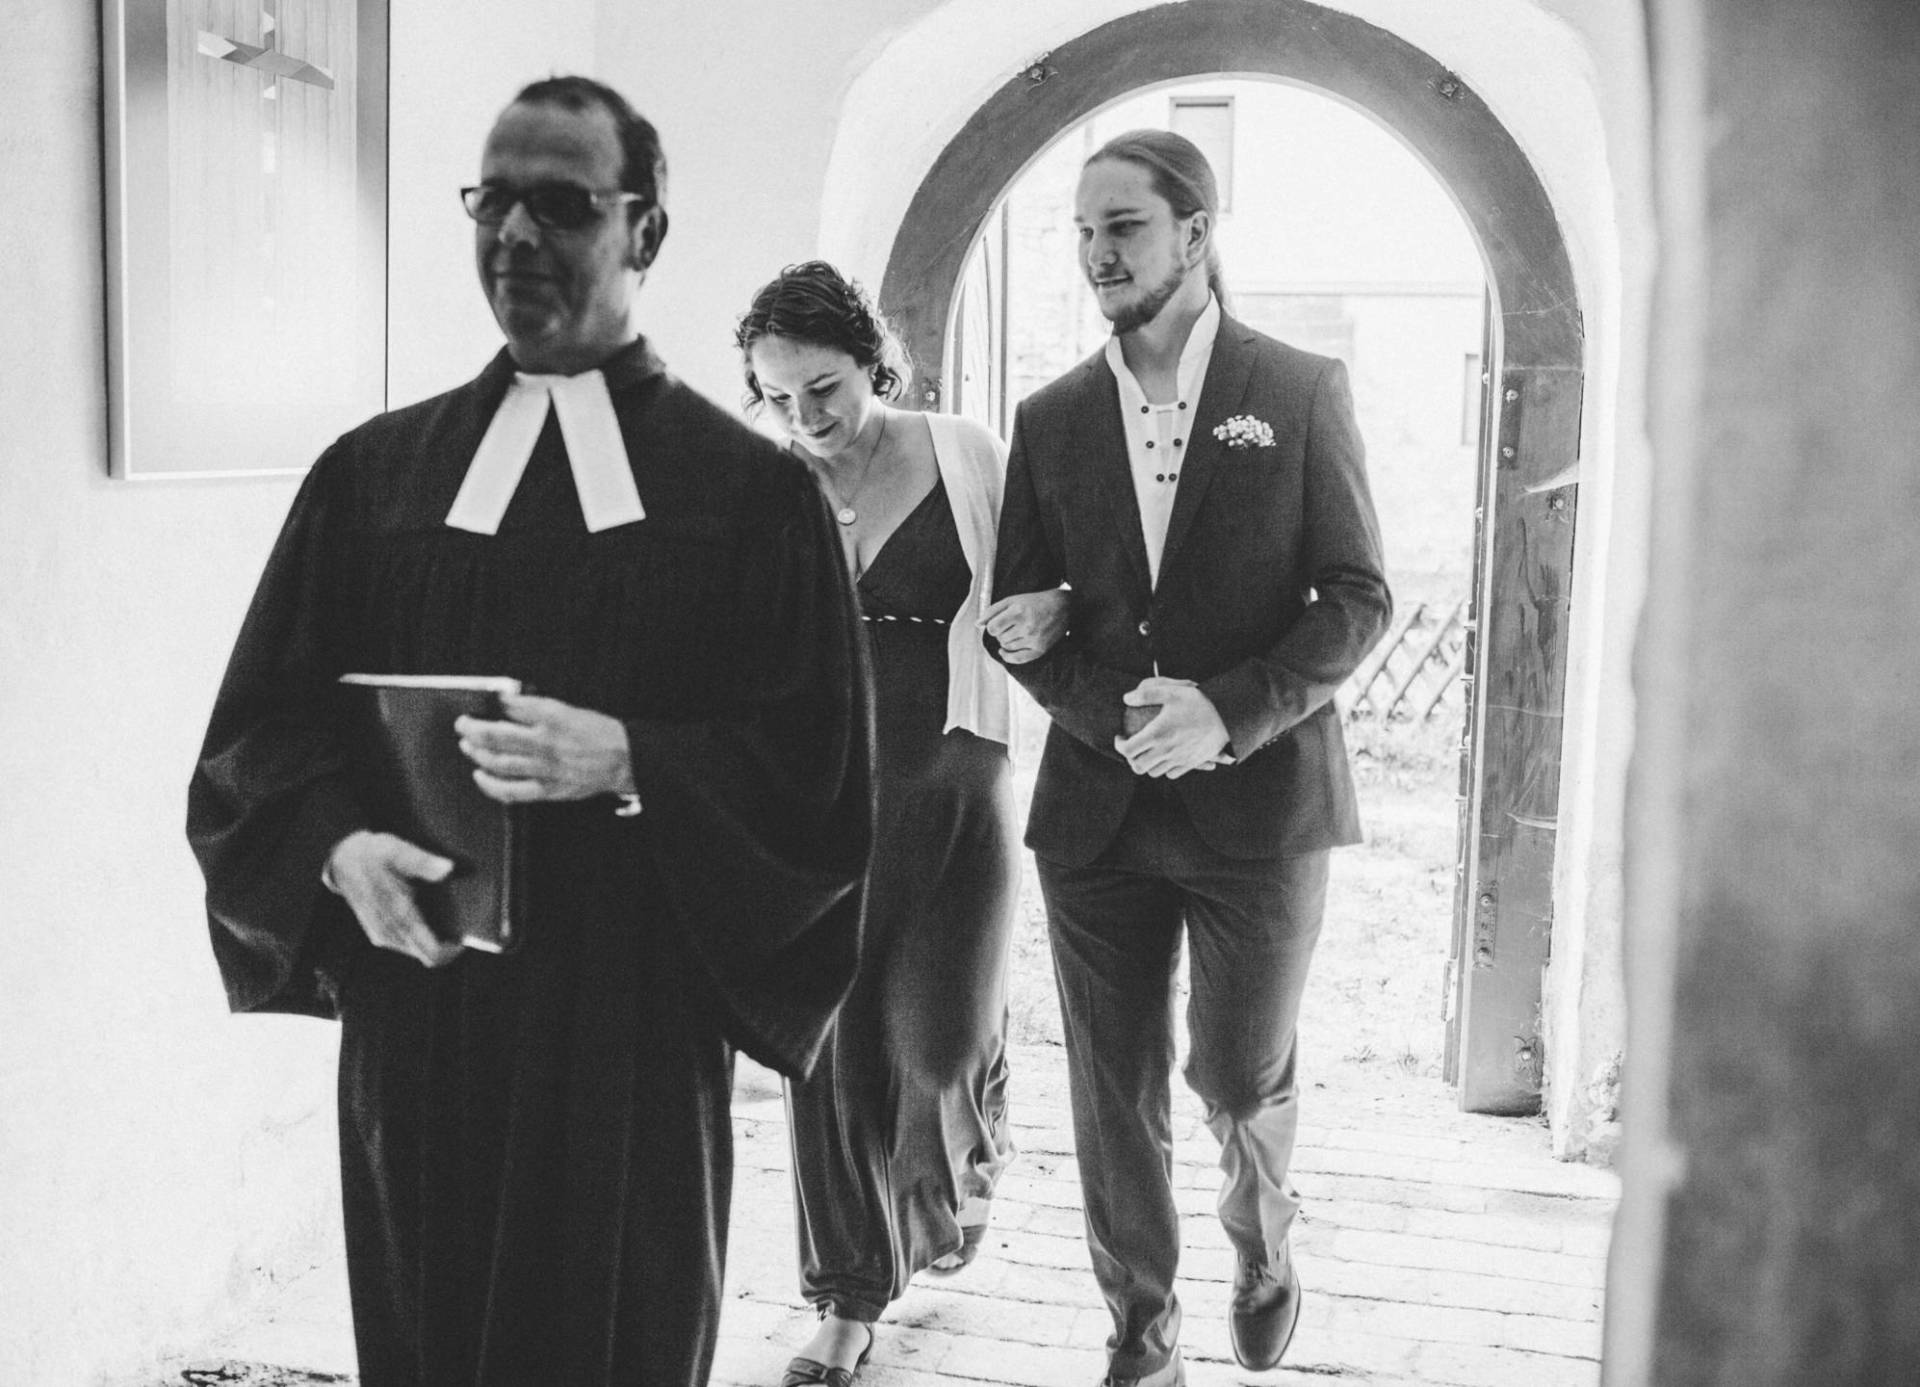 Hochzeitsreportage | Hochzeit in Kreuzgewölbe Schöngleina | 2